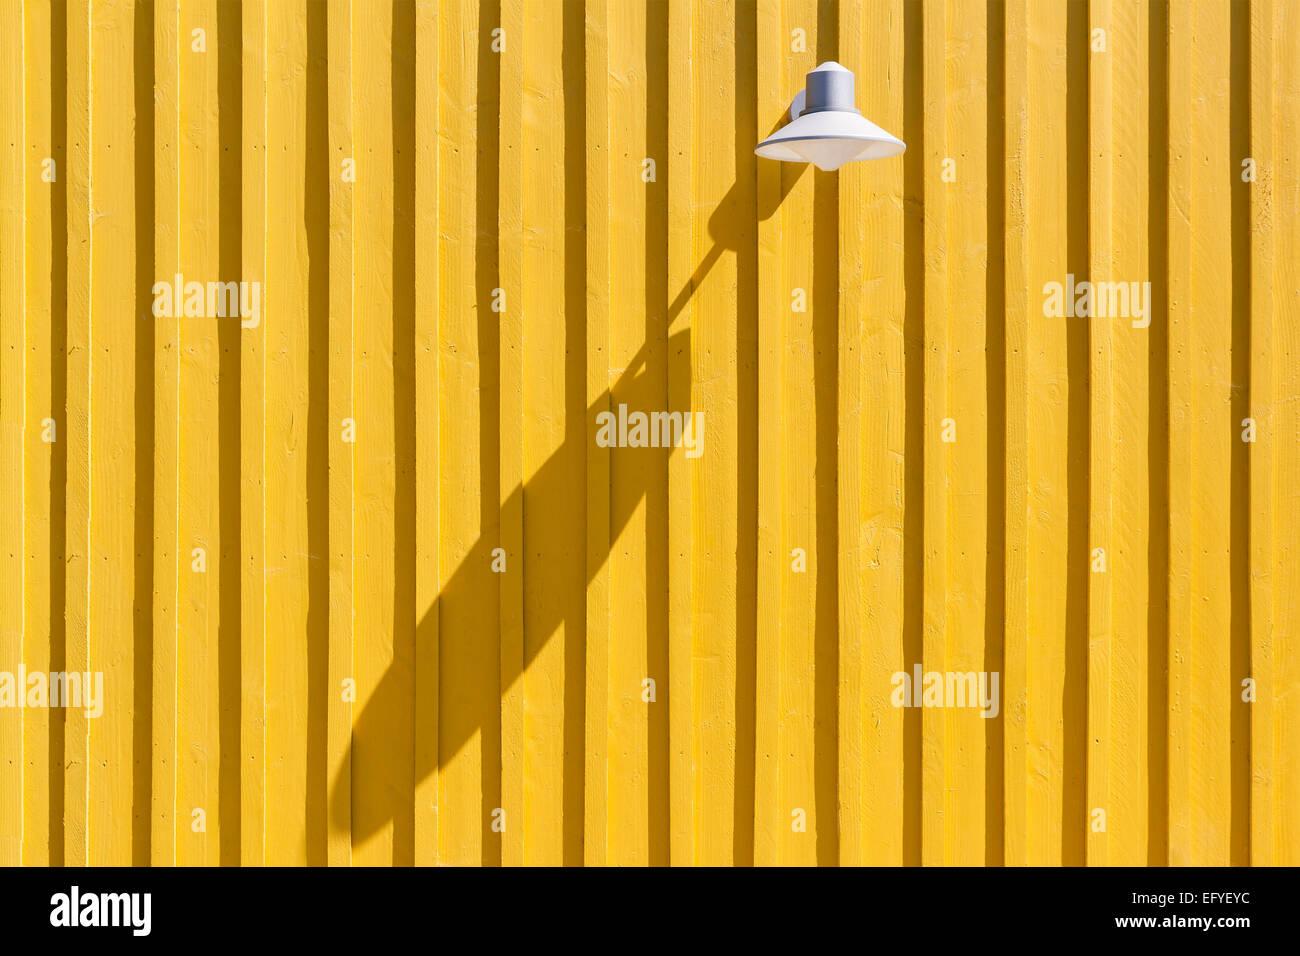 Lampe auf eine gelbe Strandhütte wirft einen langen Schatten, Île d'Oléron, Charente Maritime, Stockbild